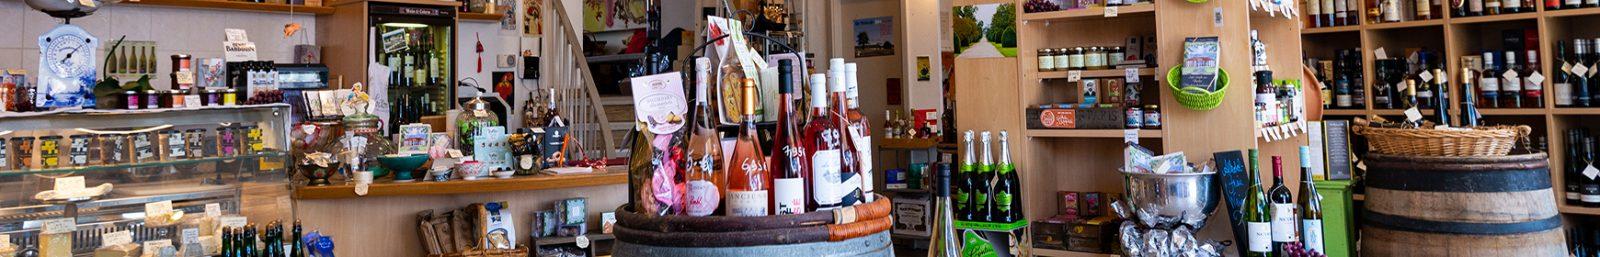 Wein Et Cetera Laden Ansicht